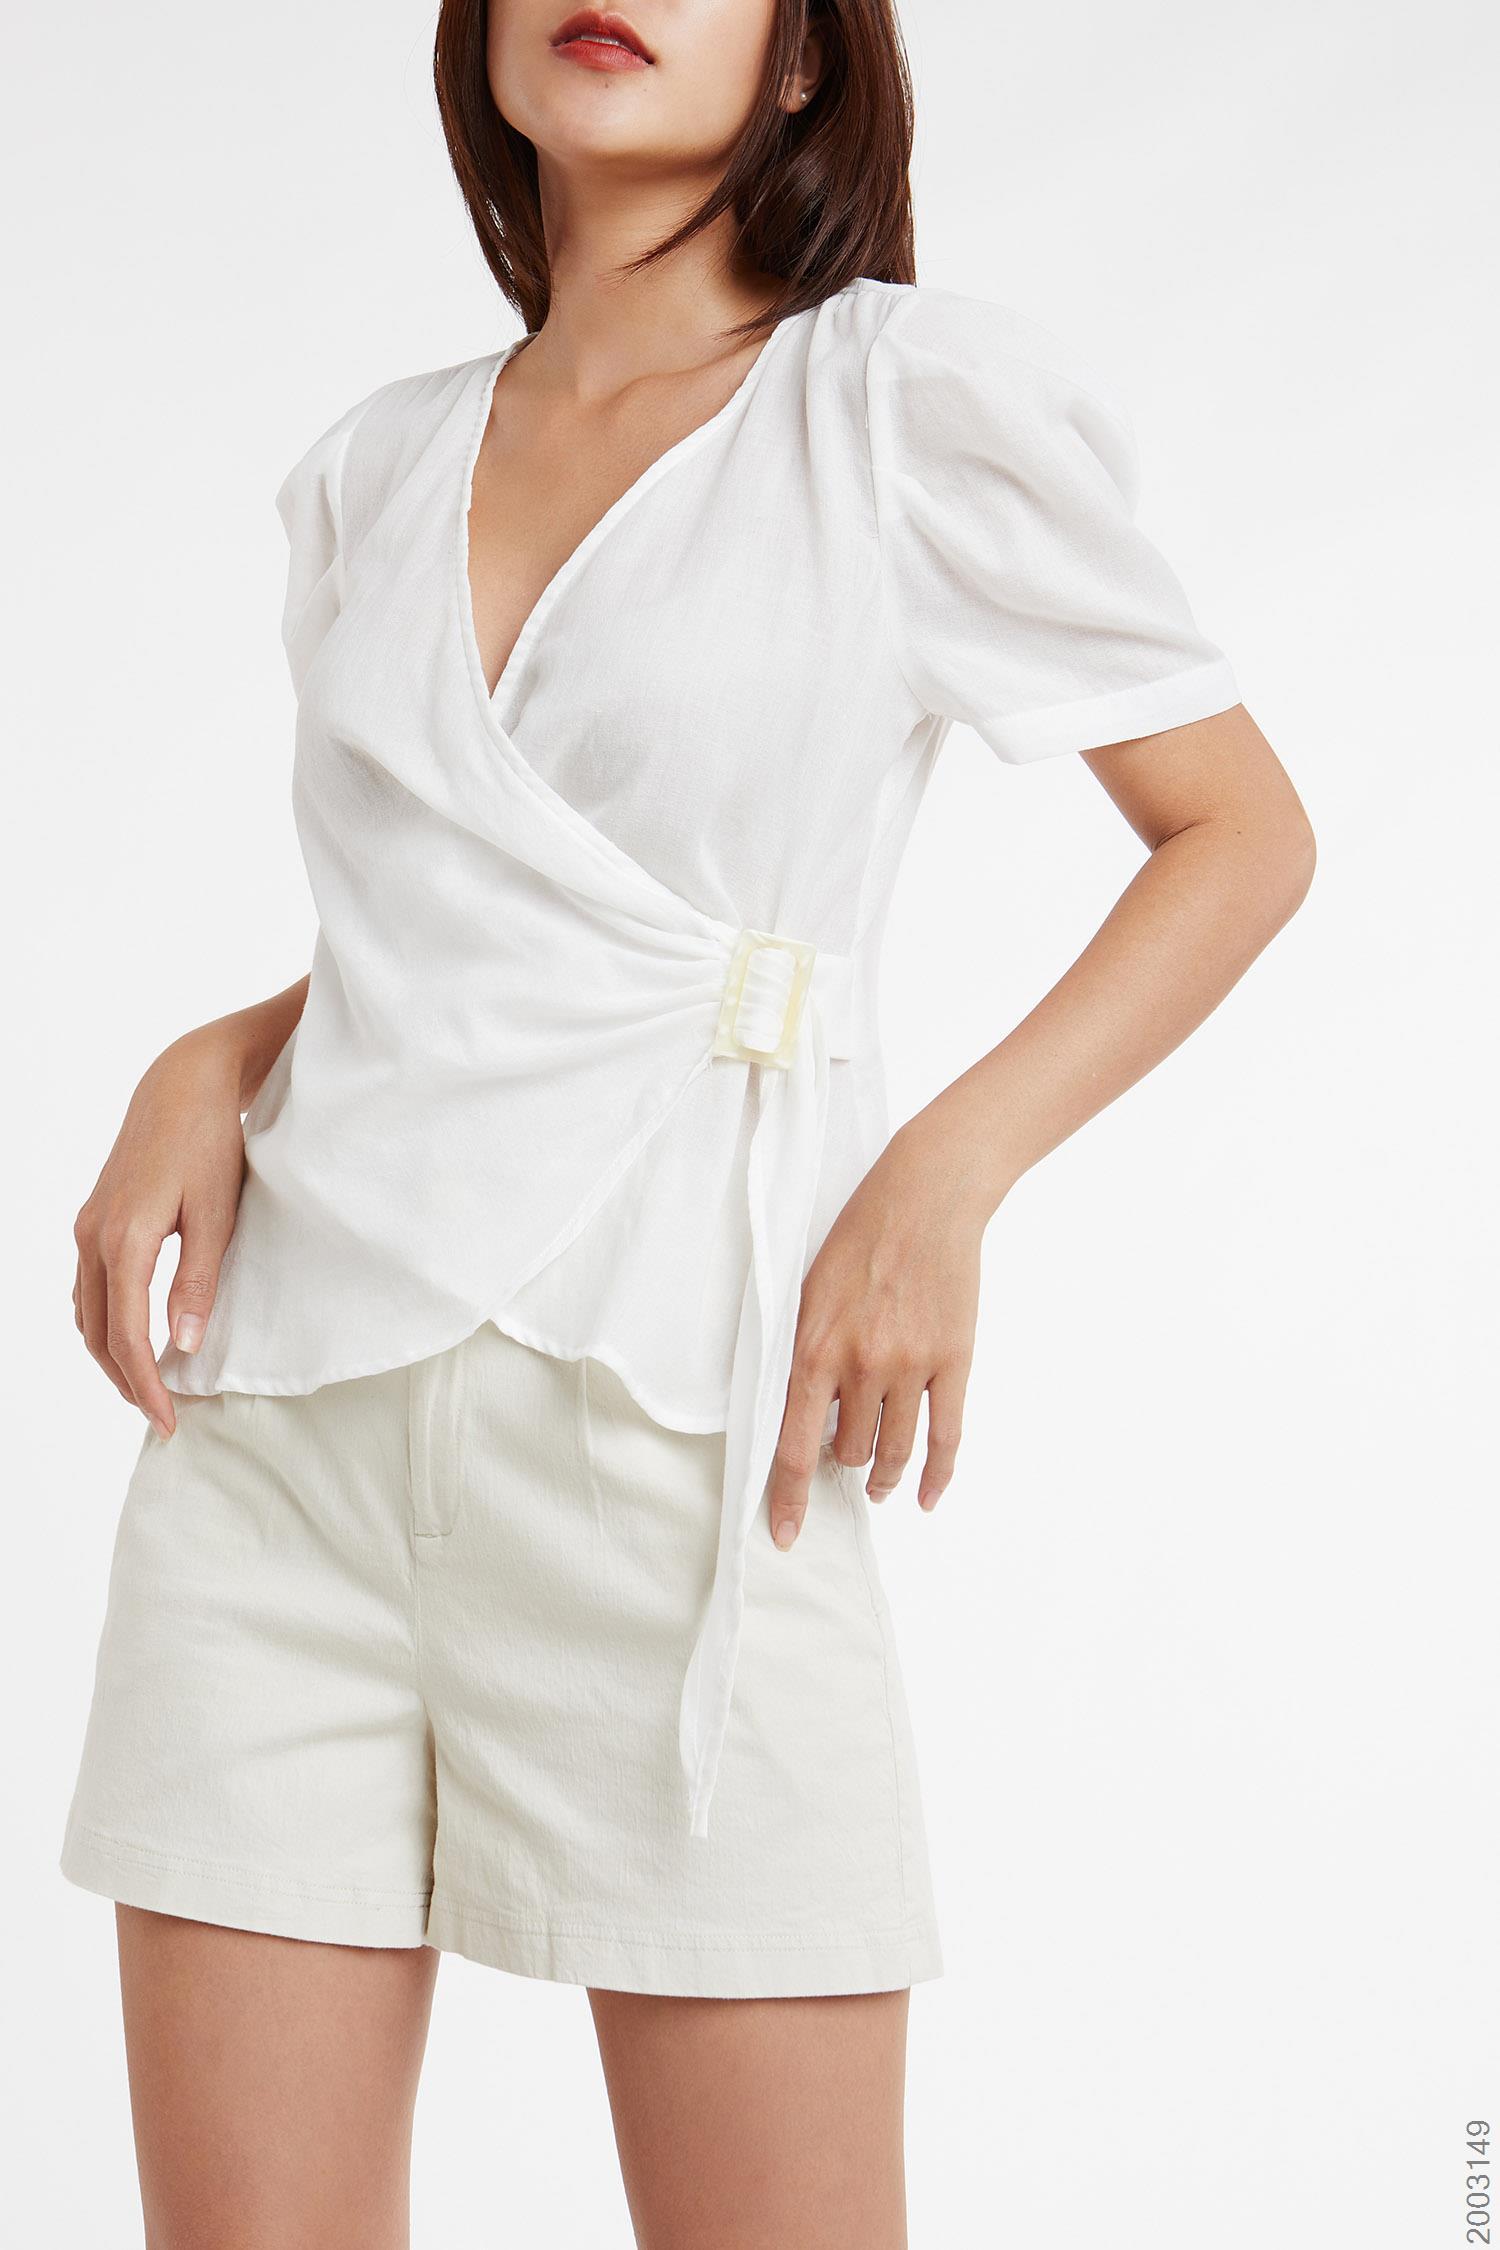 Áo Kiểu Nữ Đắp Vạt Chéo Tay Phồng Ngắn - 2003149